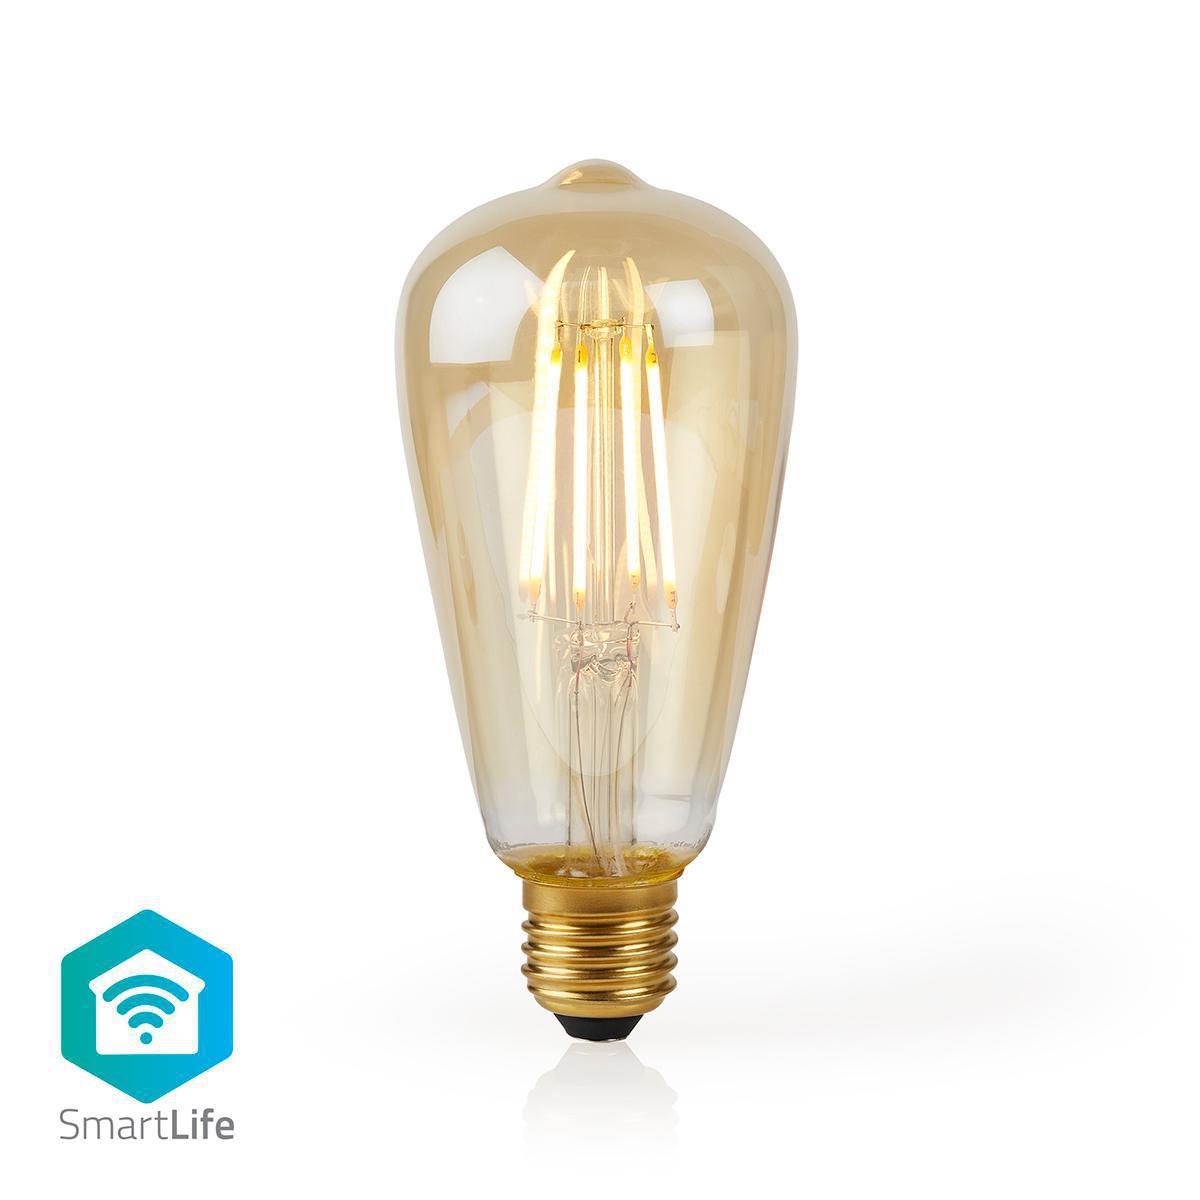 Slimme Wifi Edison filament lamp E27 - 5 watt- warm wit